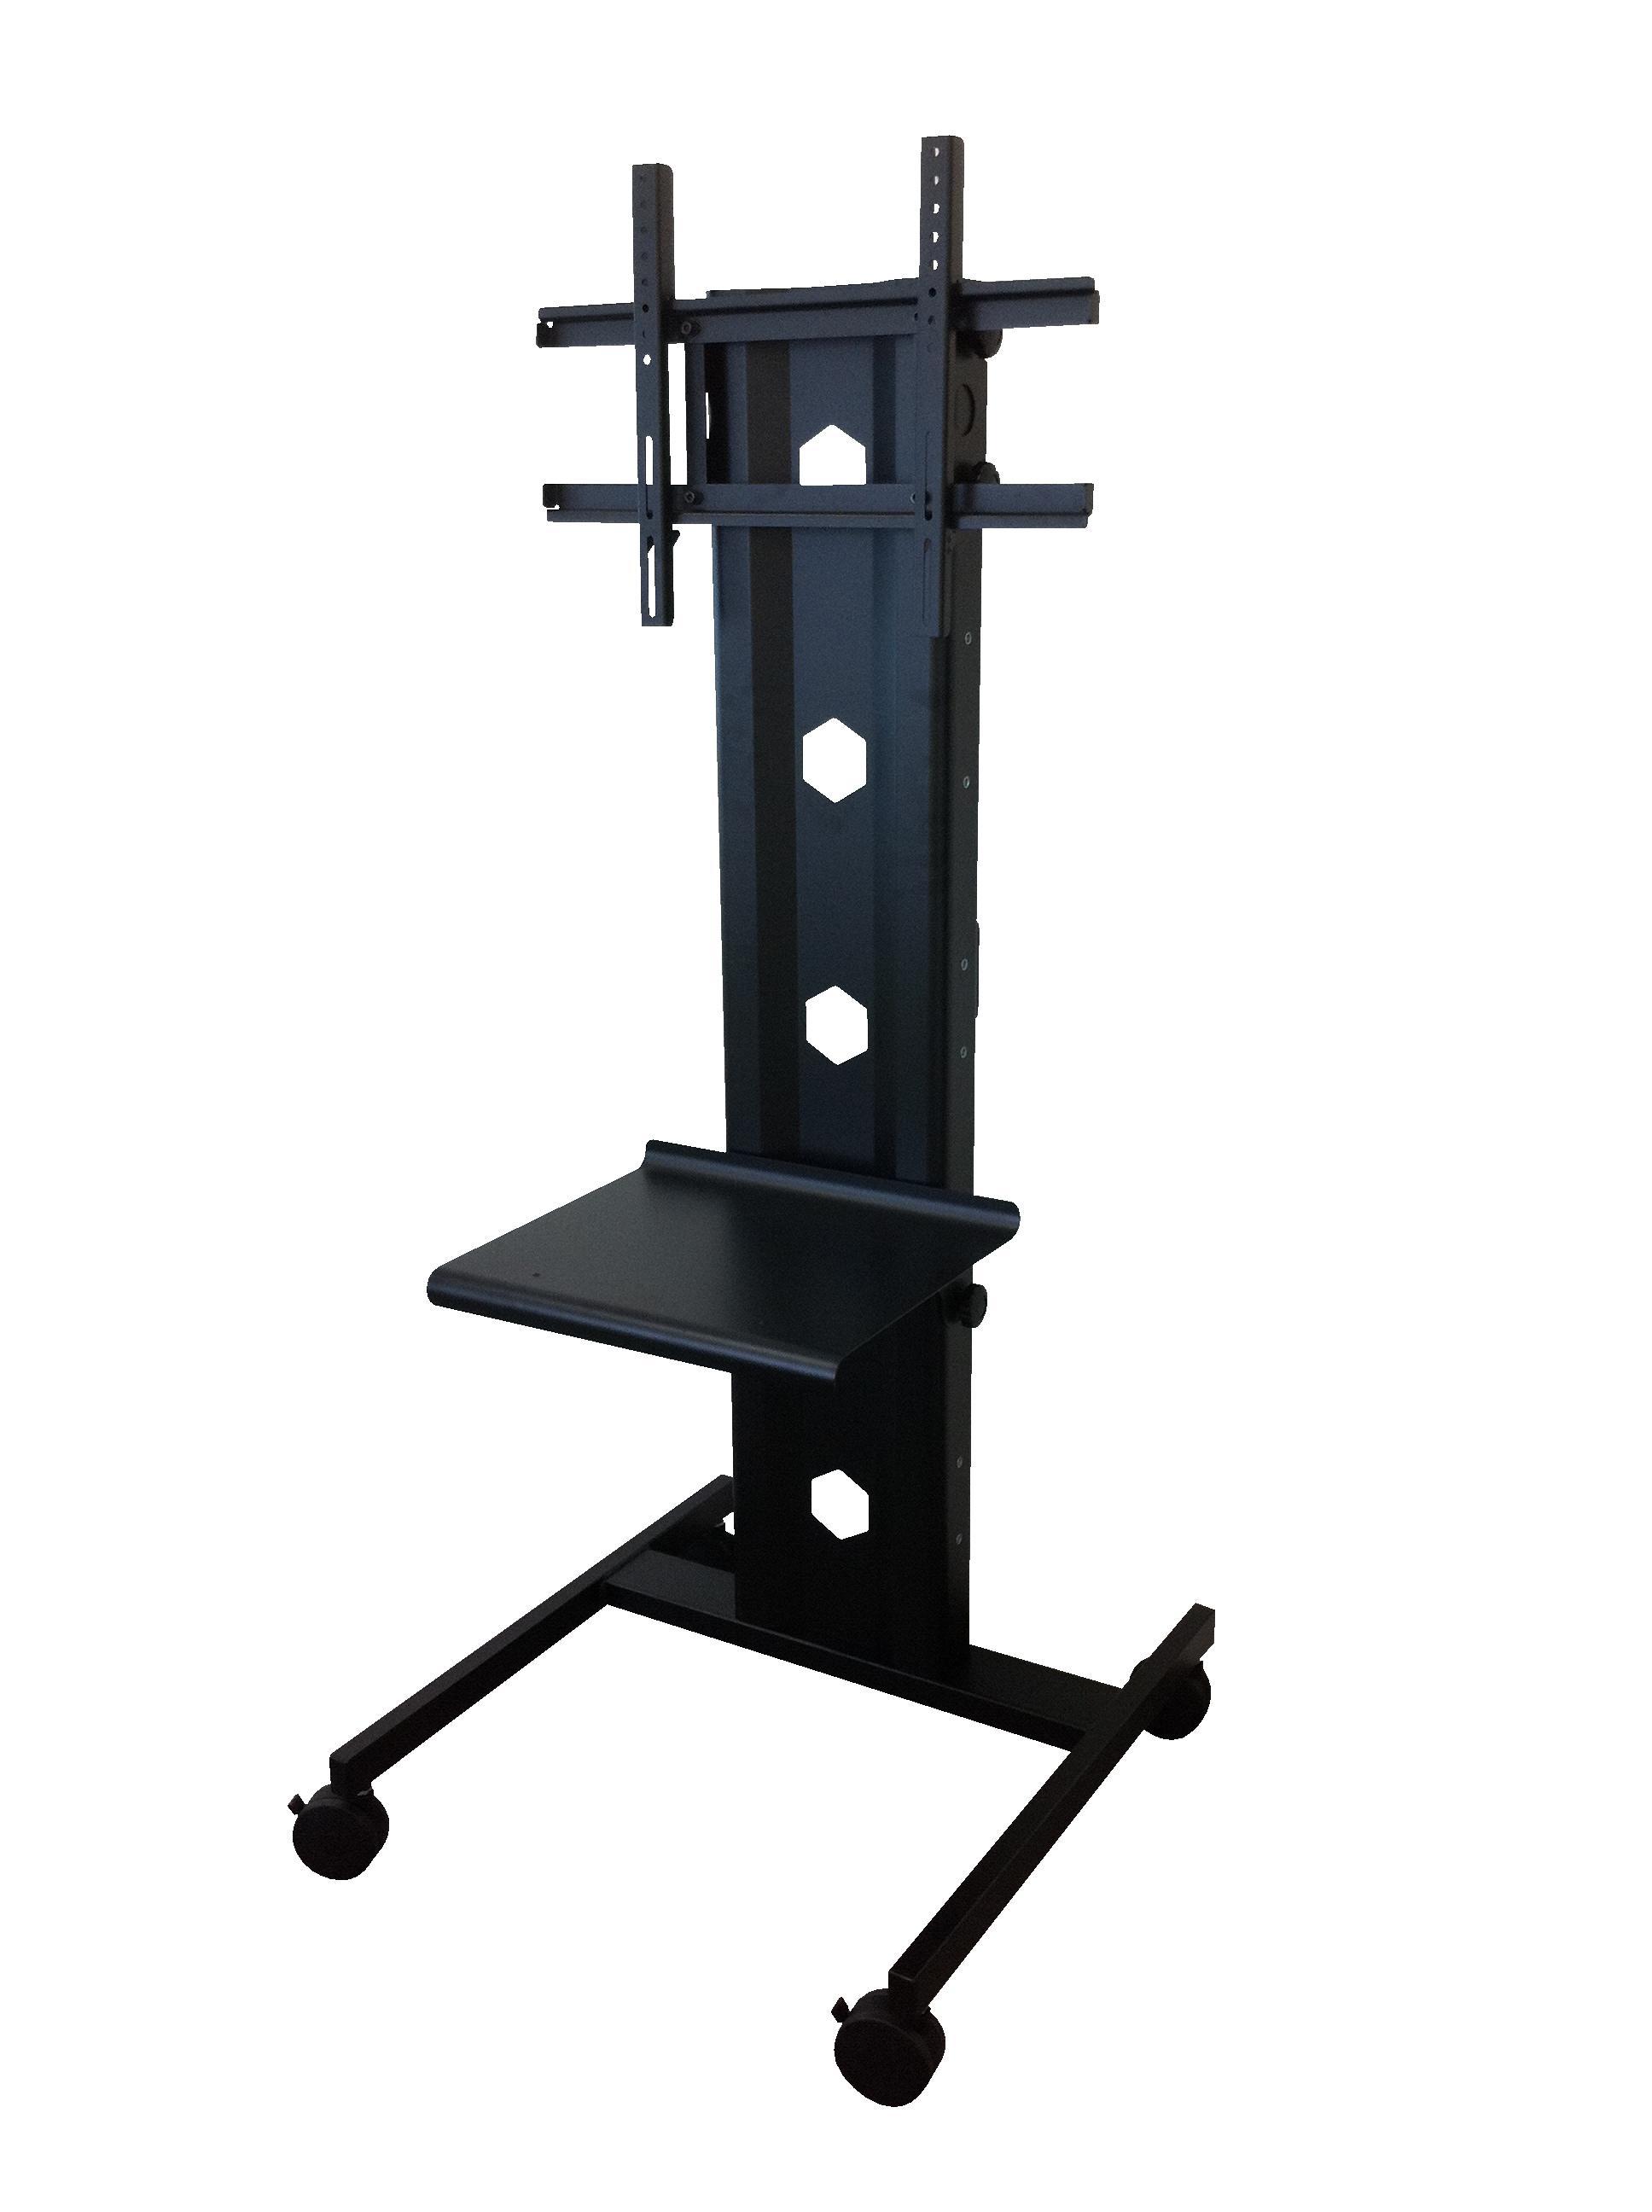 【新品/取寄品】タッチパネル・システムズ製品対応スタンド(55型まで) FTK-TP-STAND50-M